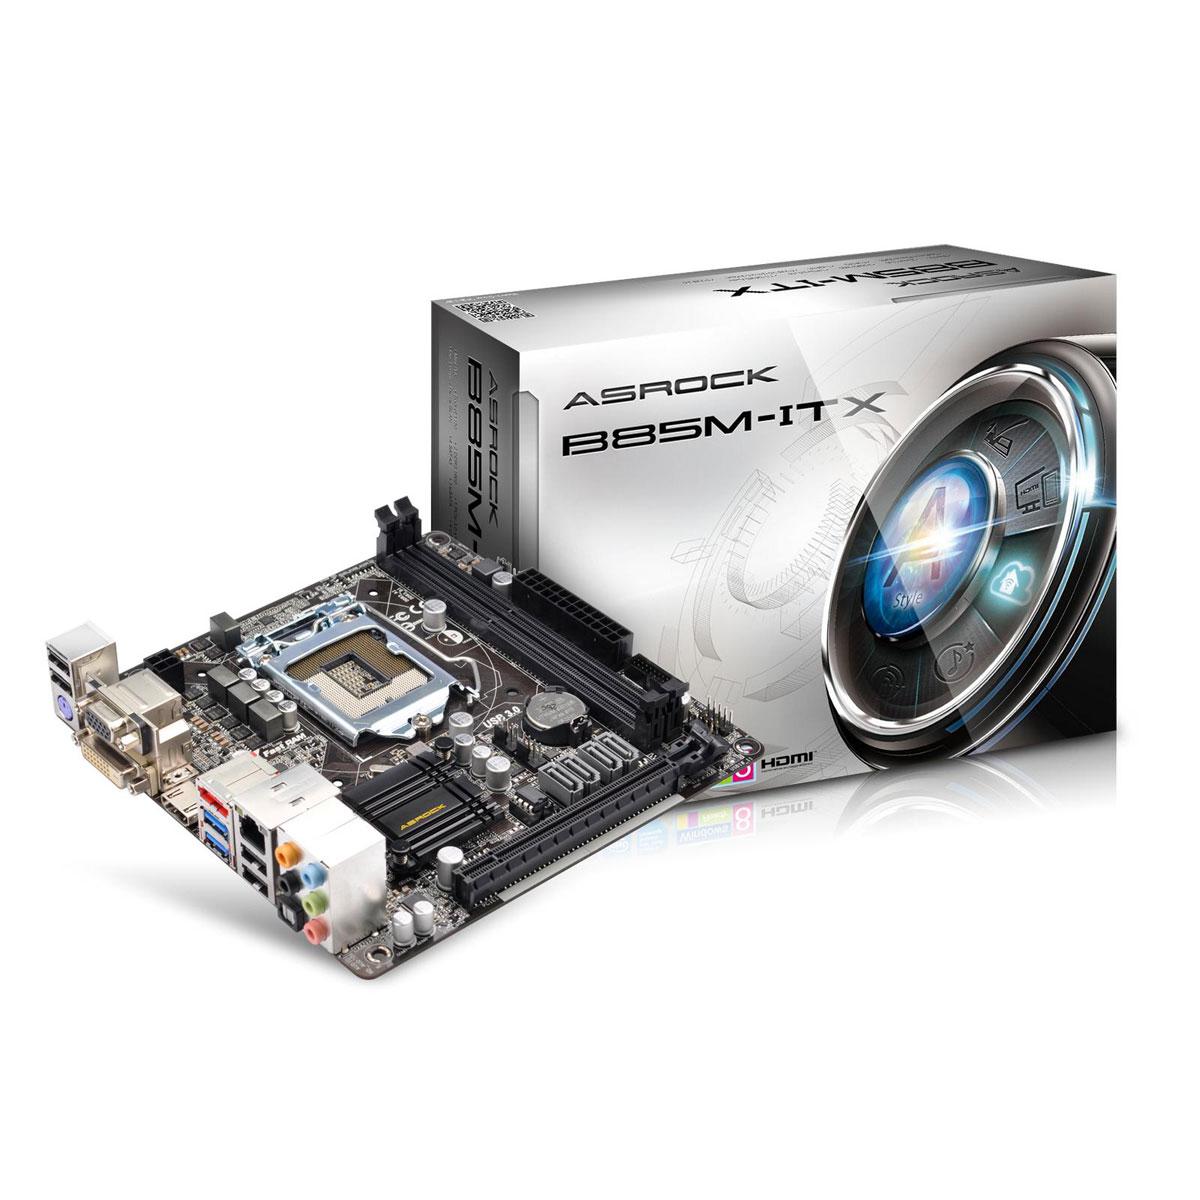 Carte mère ASRock B85M-ITX Carte mère Mini ITX Socket 1150 Intel B85 Express - SATA 6Gb/s - USB 3.0 - 1x PCI-Express 3.0 16x